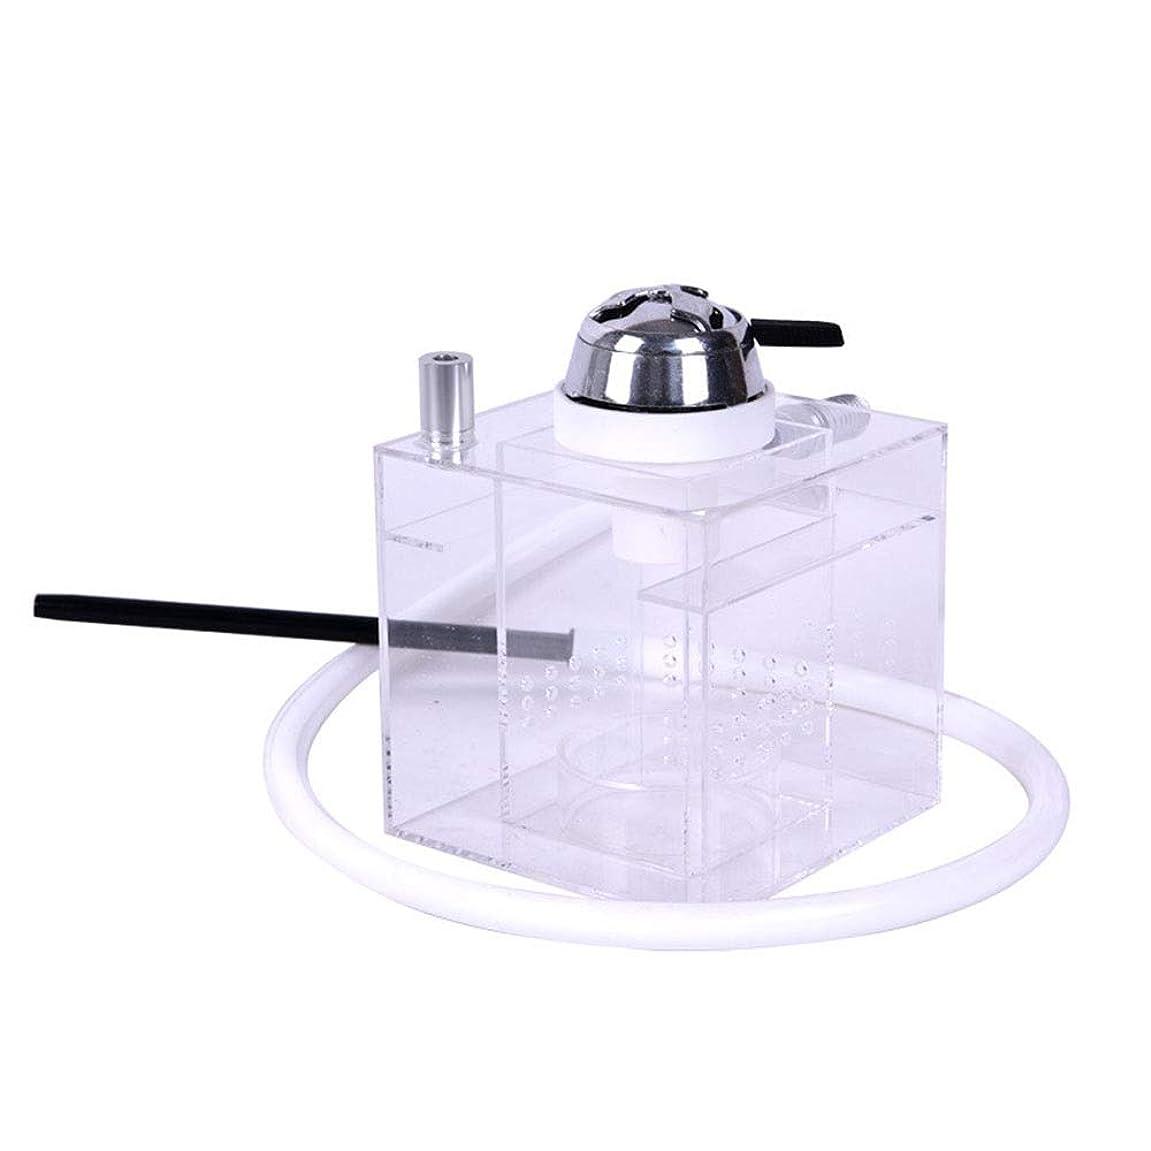 十分な制限する金額熱管理とリモートコントロールと色が変化するLEDライト、アクリルキューブ水ギセル、水ギセルとキセルセット